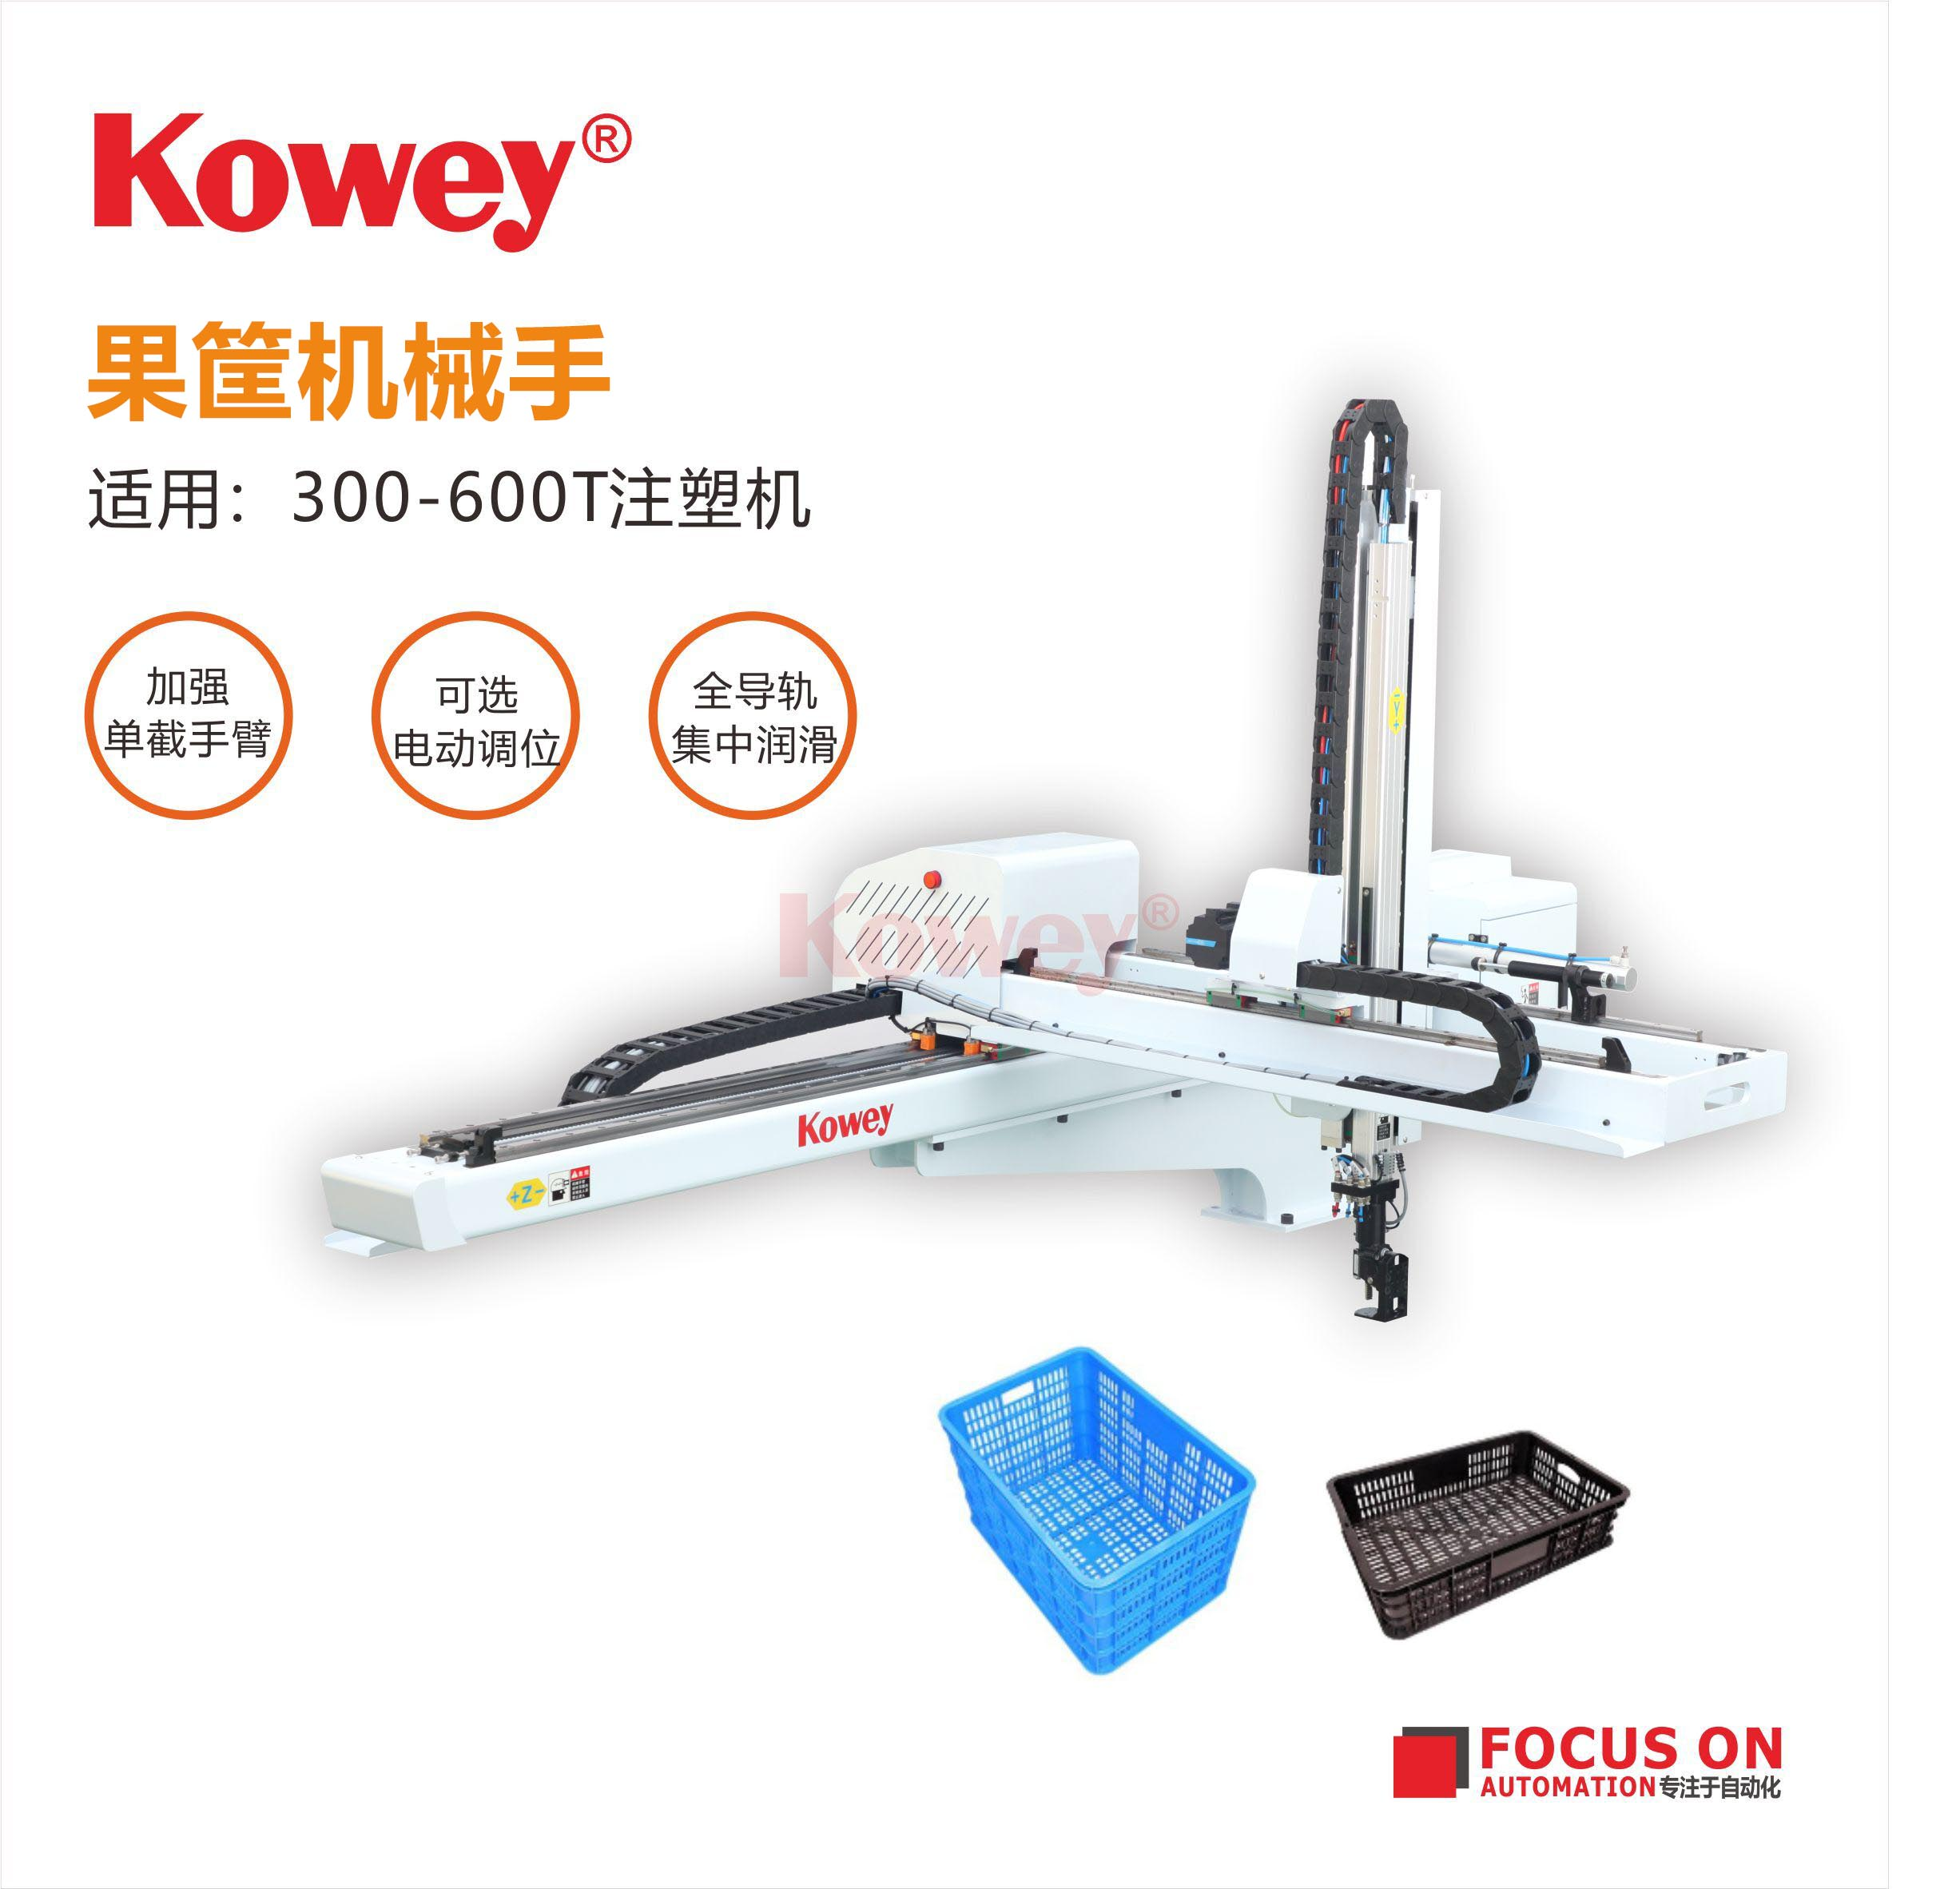 注塑機械手-果筐機械手-果框機械手-塑料筐取件機械手